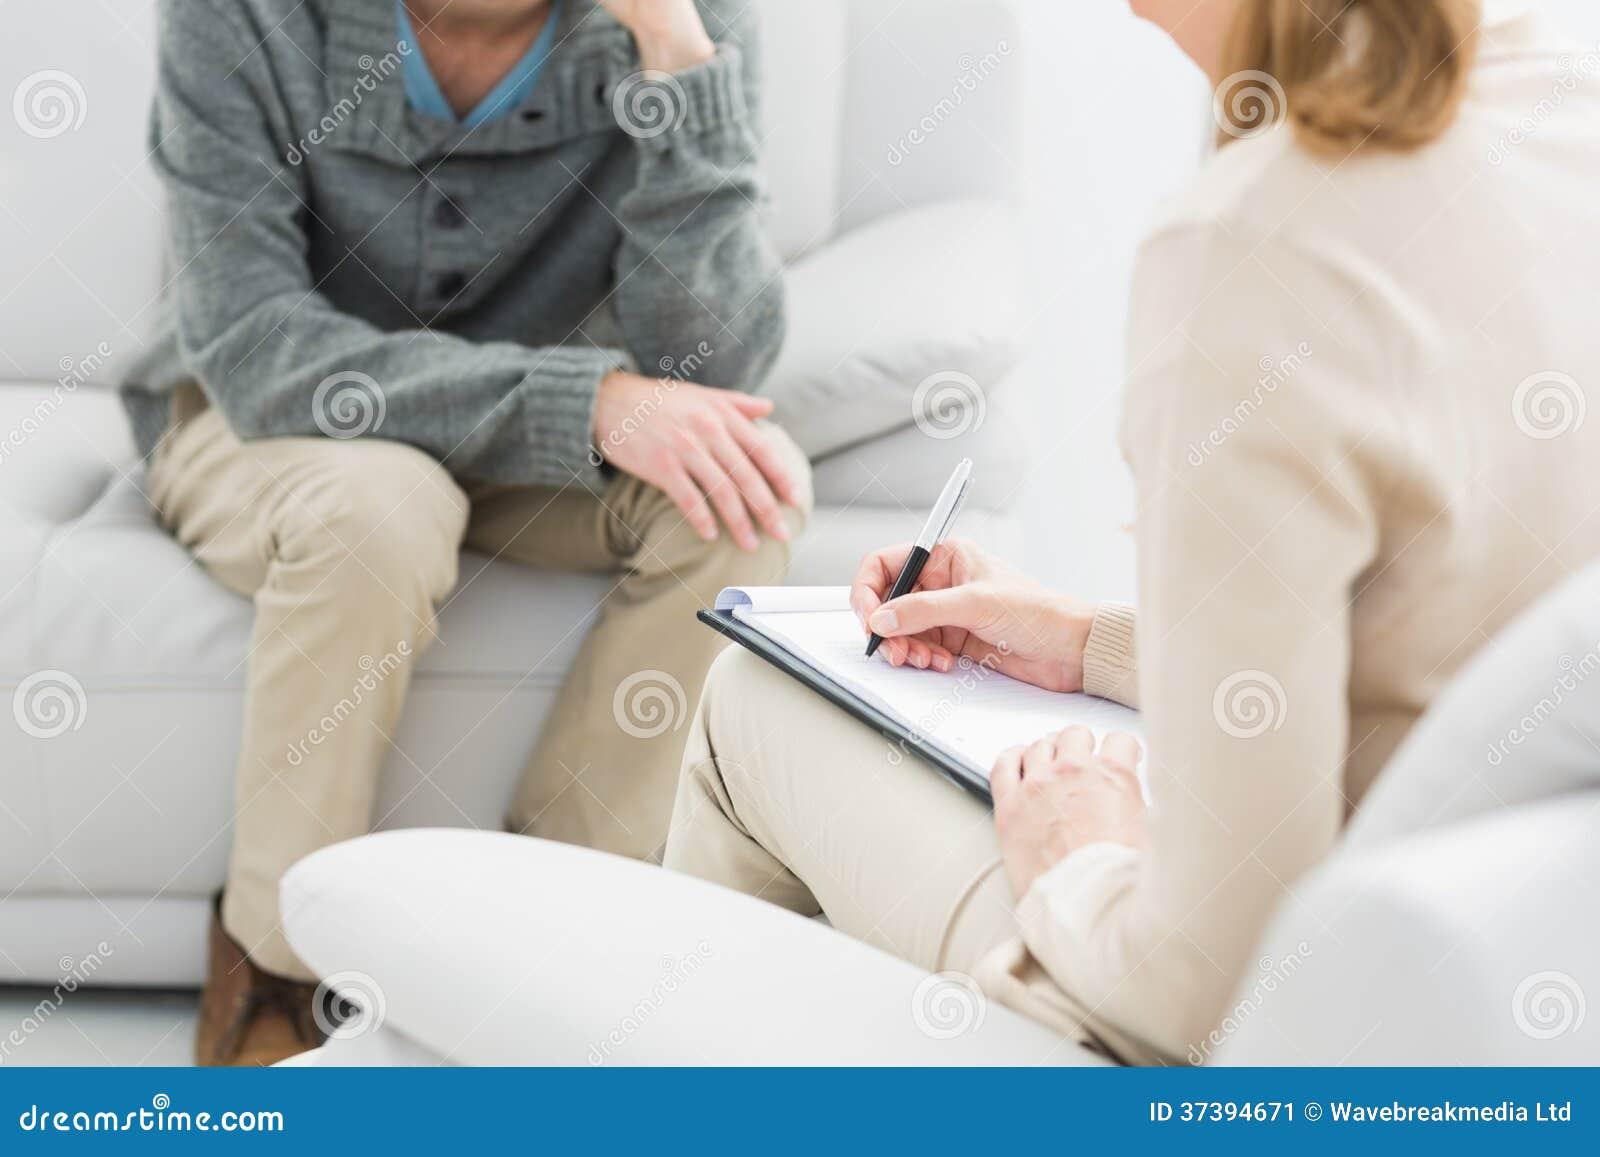 Νεαρός άνδρας στη συνεδρίαση με έναν ψυχολόγο